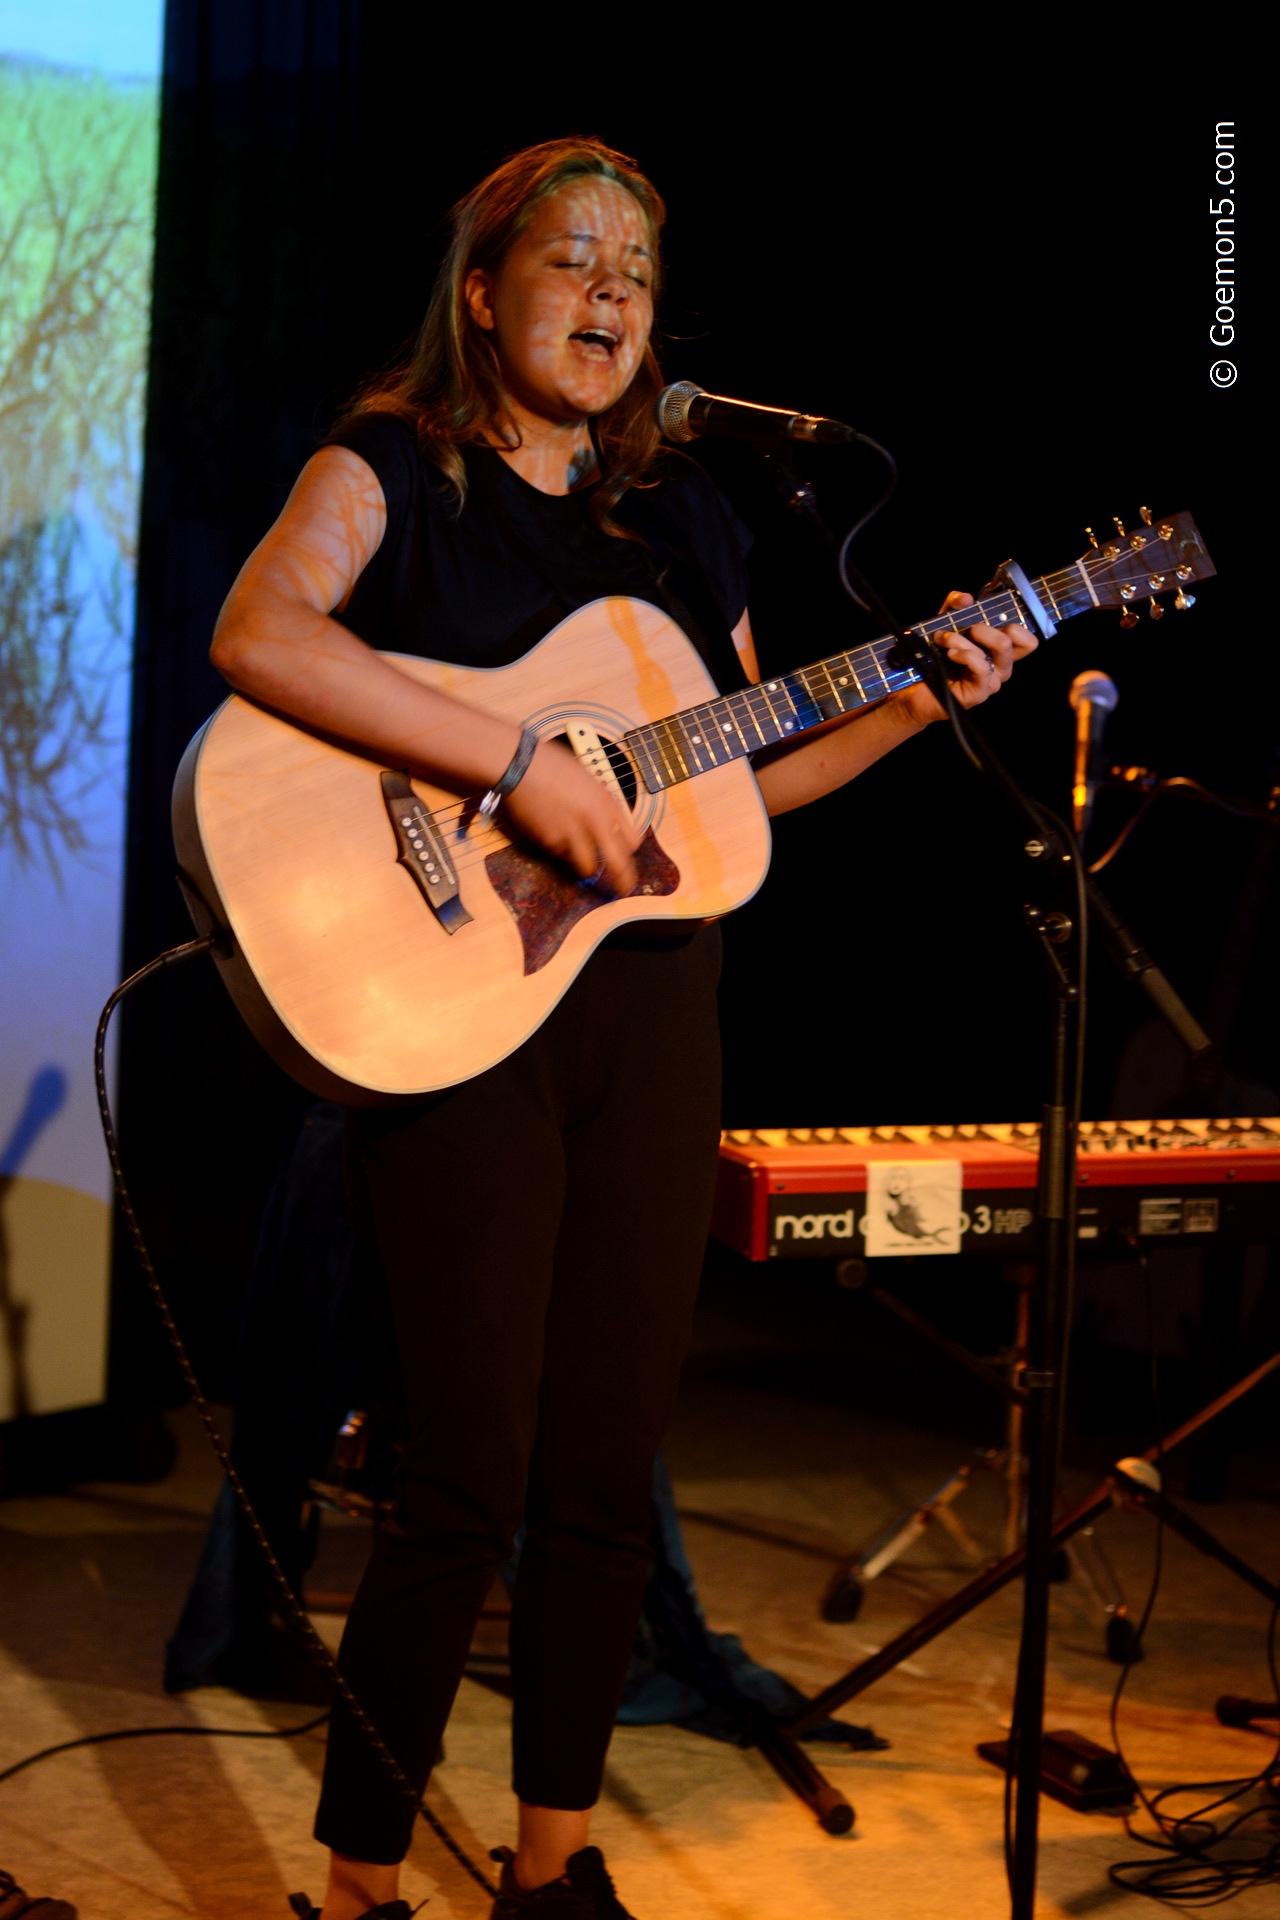 Marie Feiler at Parkclub 15